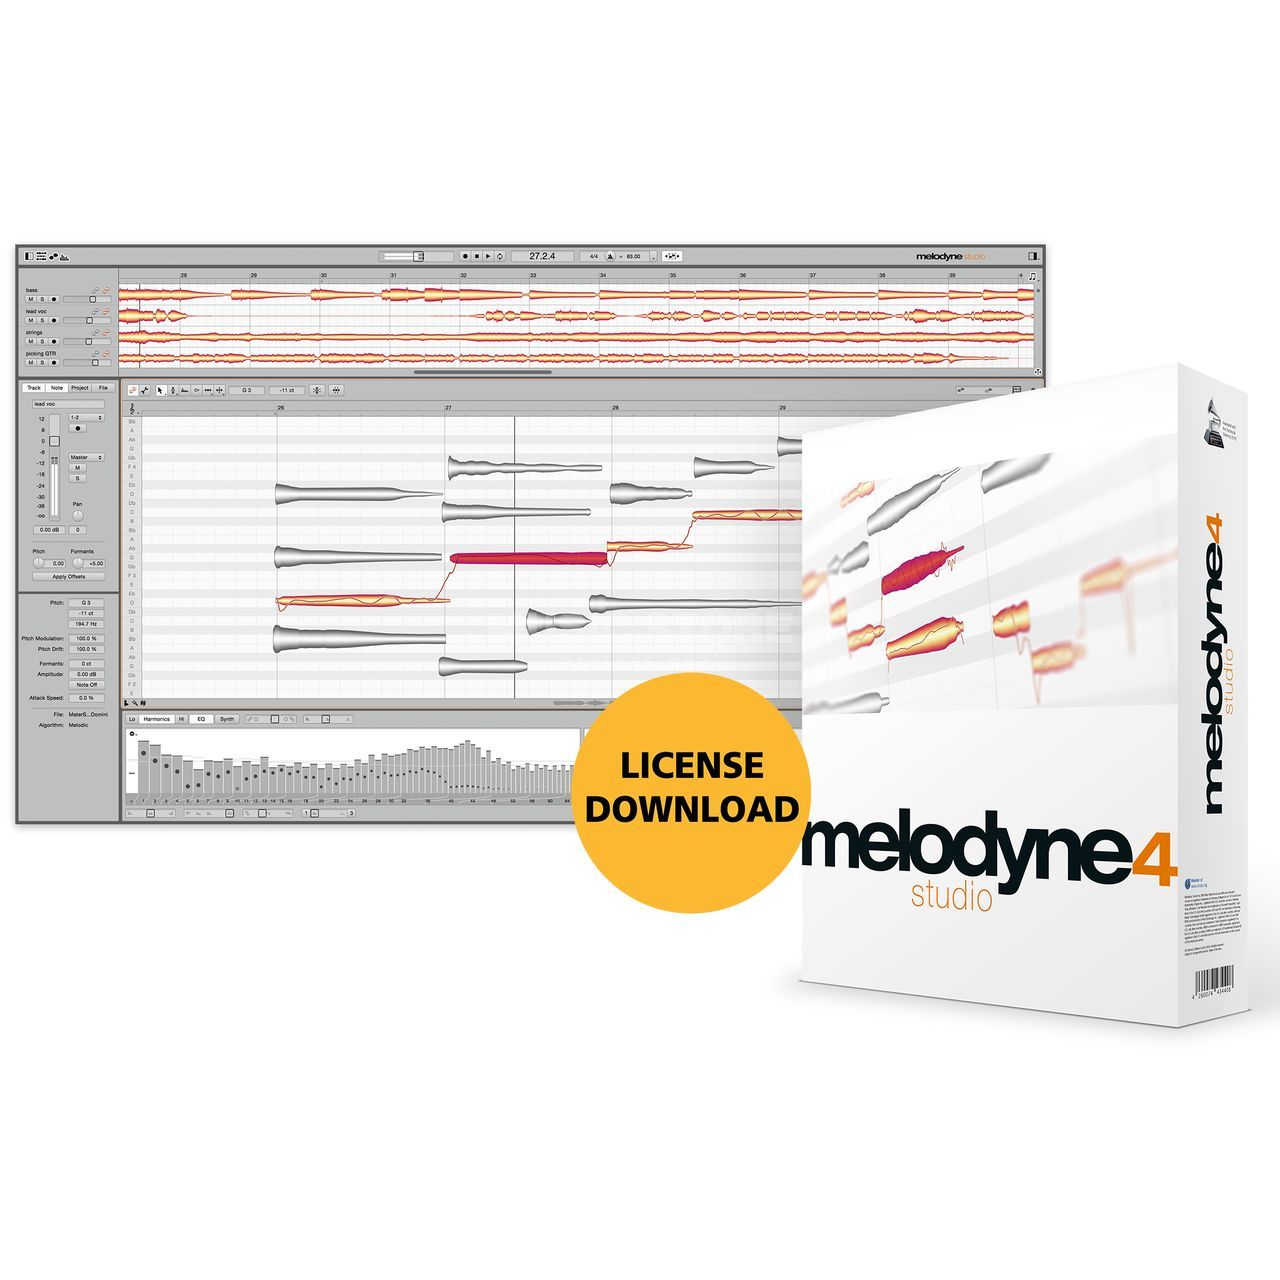 melodyne 4 vst download